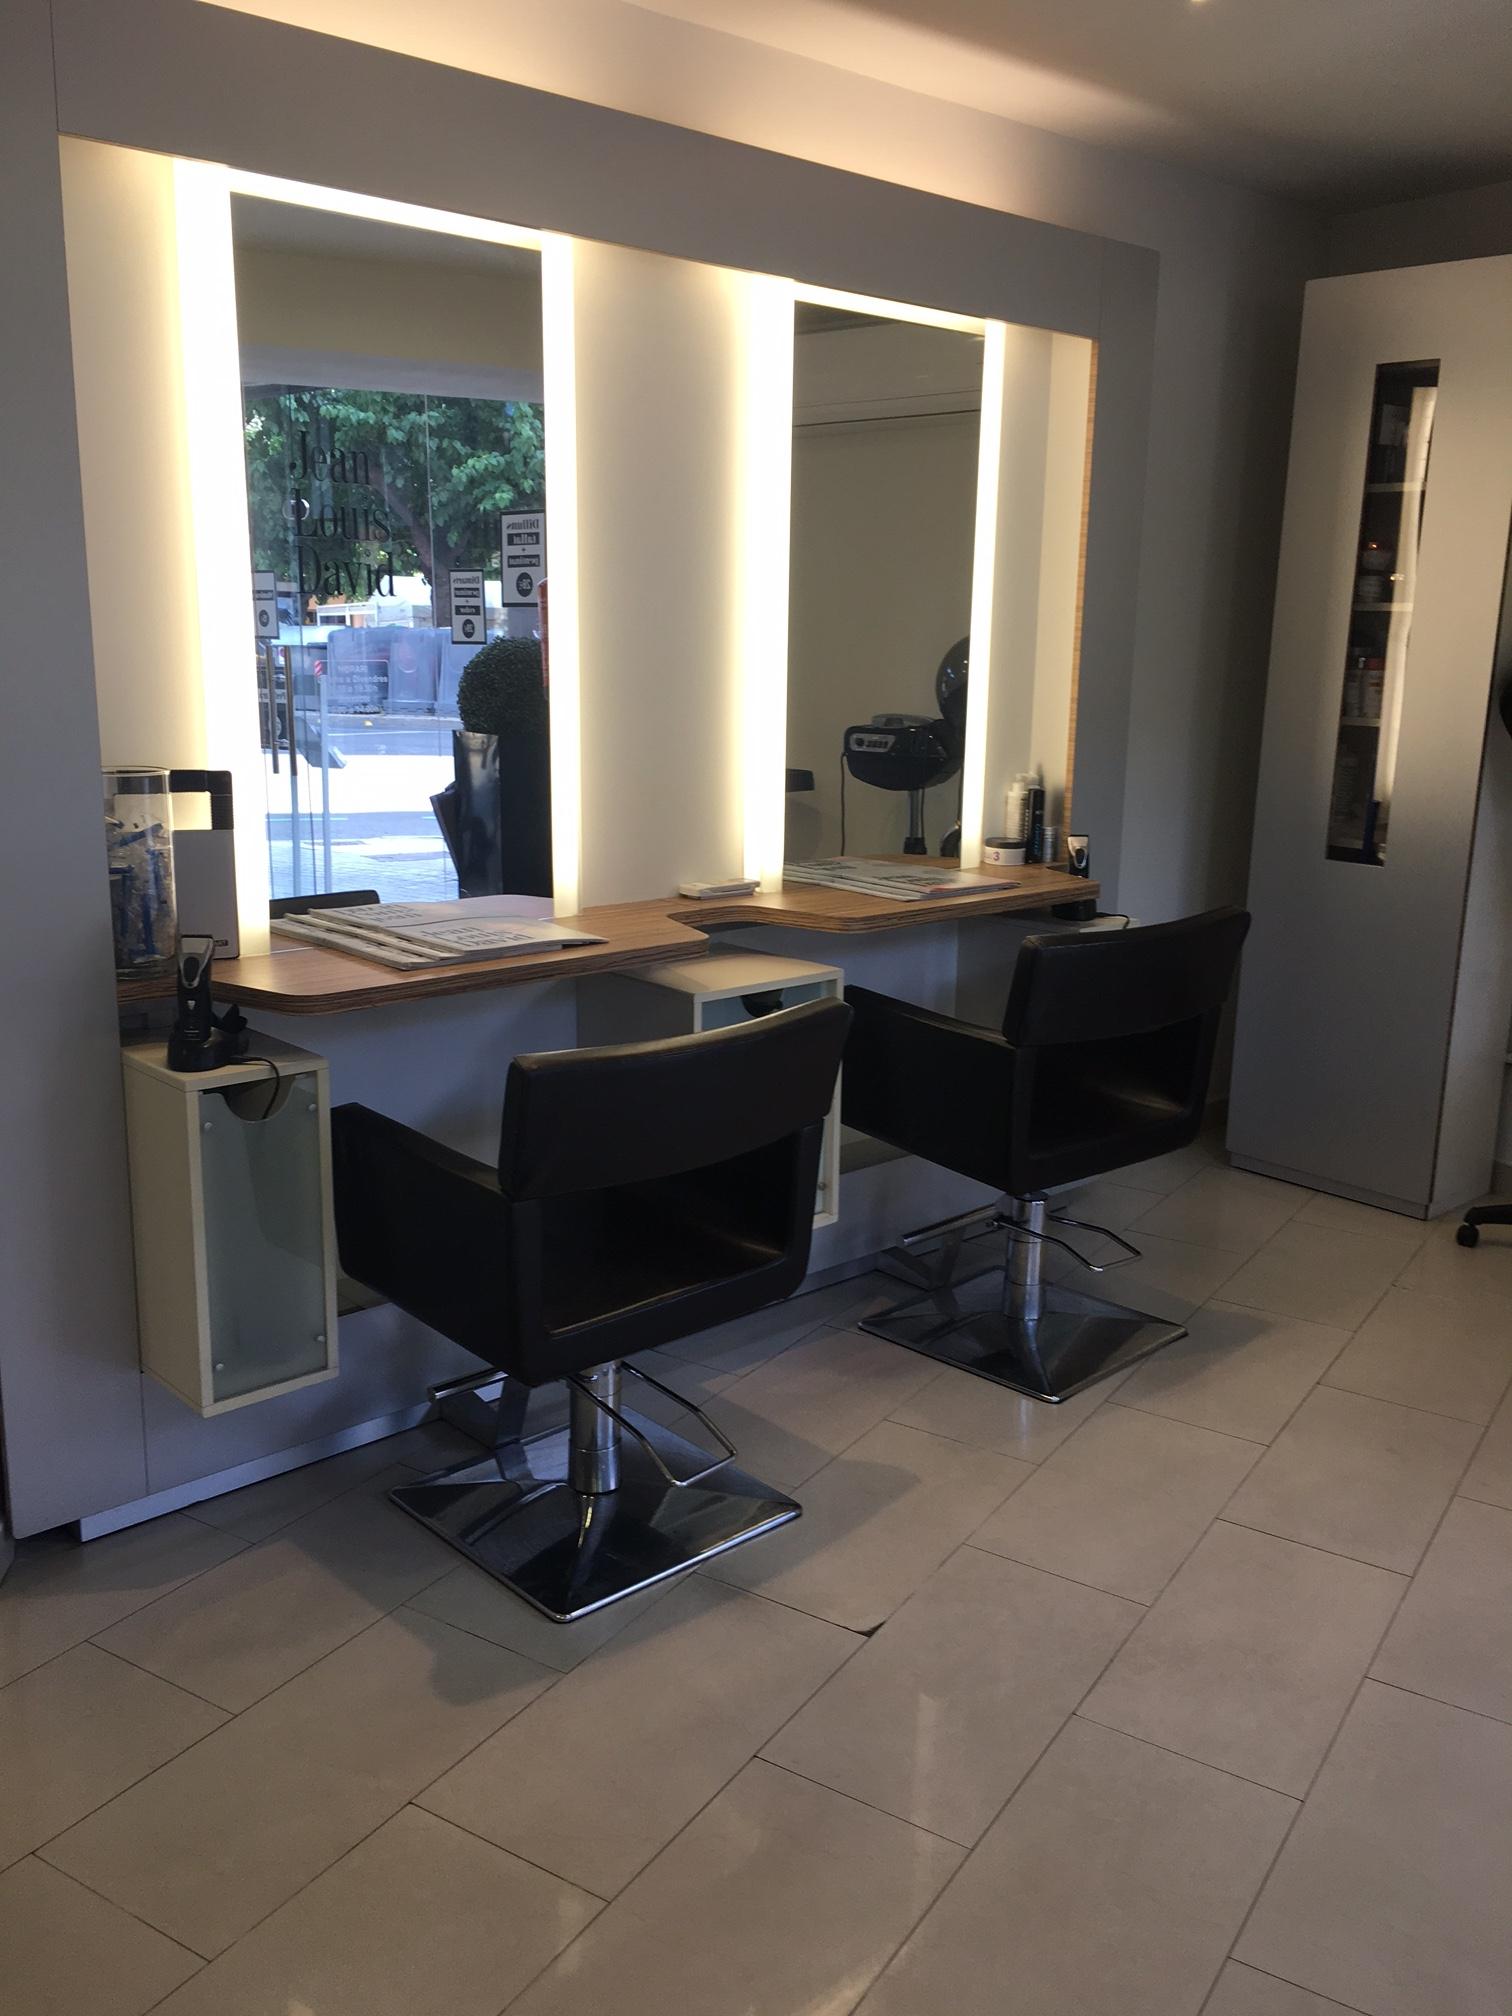 Salones de peluquería Lleida